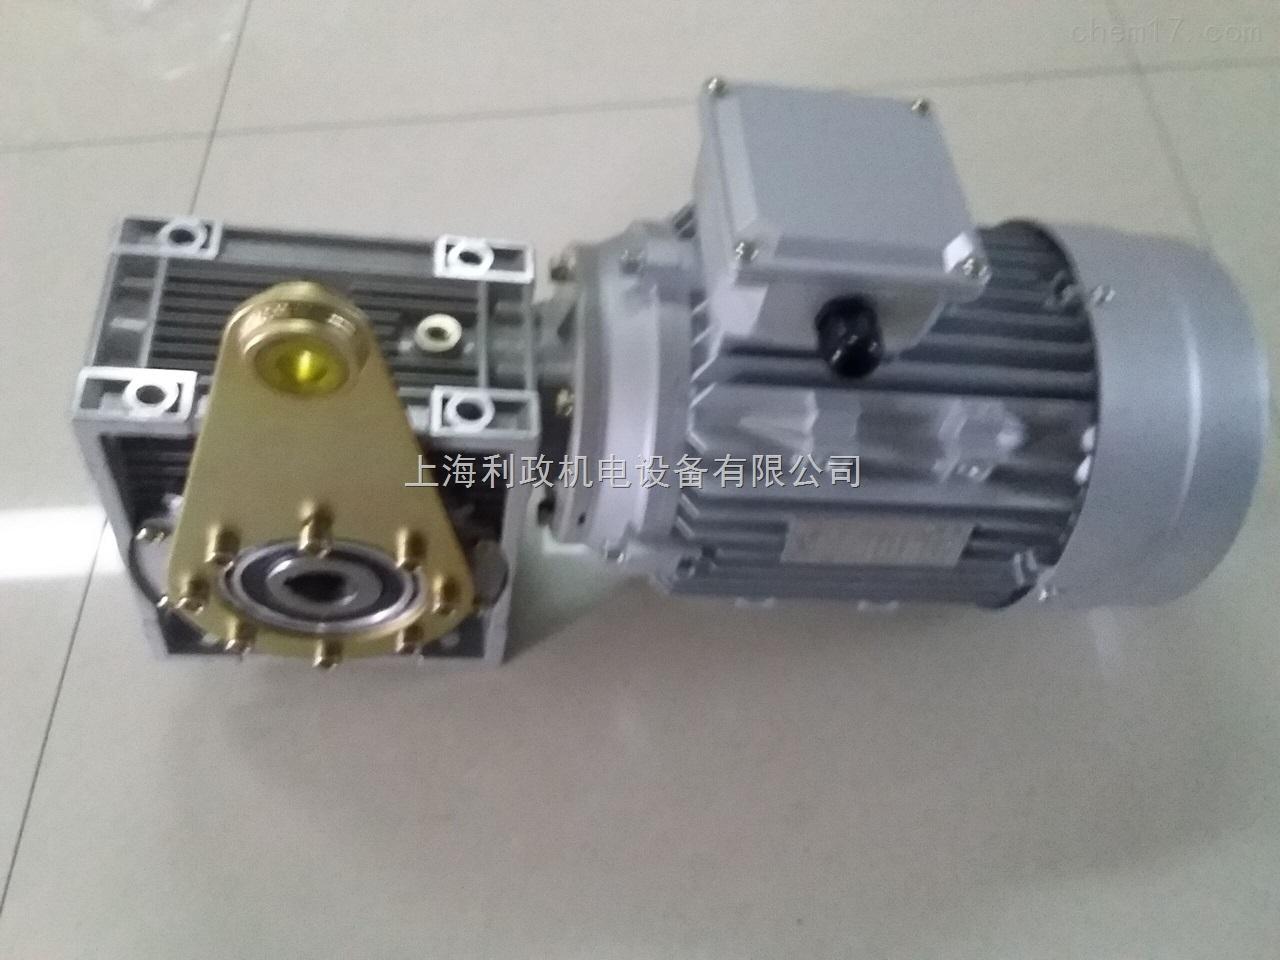 物流 快递输送线用利政牌RV075蜗轮减速电机